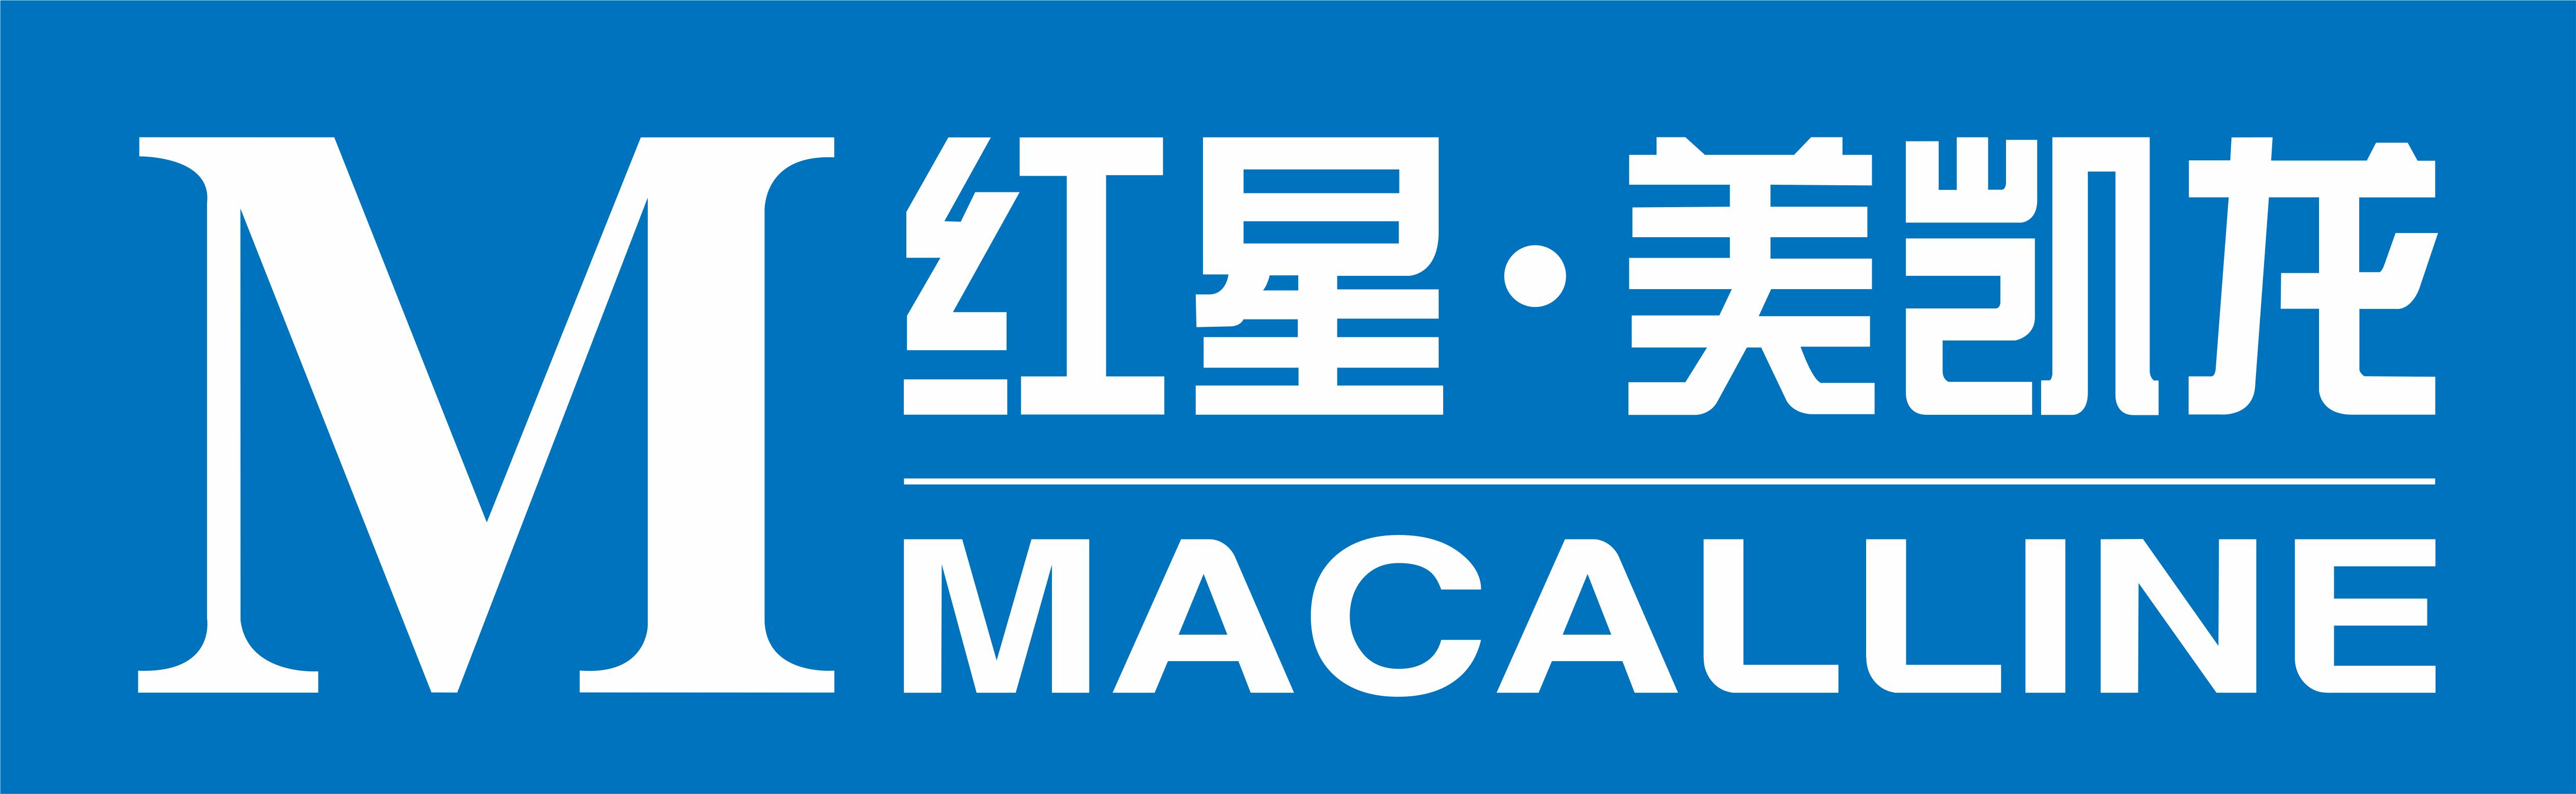 上海红星美凯龙品牌管理有限公司内江分公司